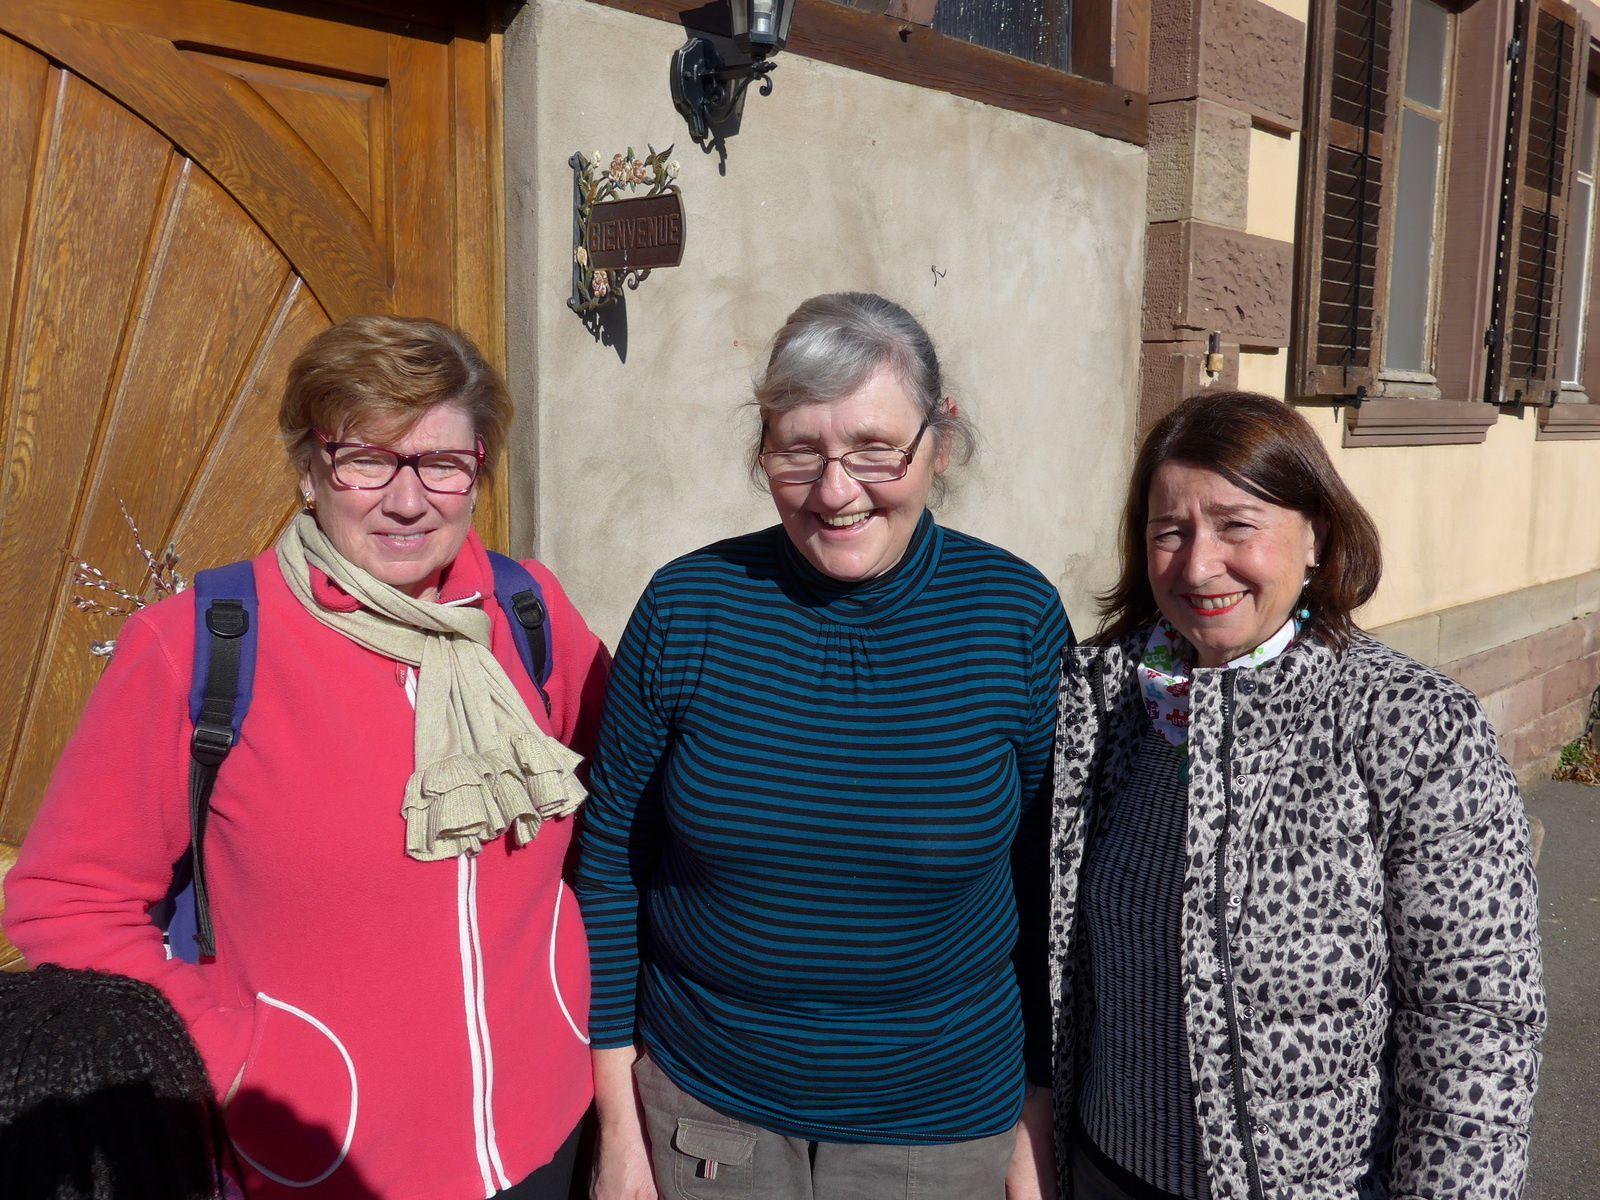 Le plaisir de se retrouver entre anciennes collègues de travail, Doris ayant quitté le Cabinet Stamo depuis 1977 !!!